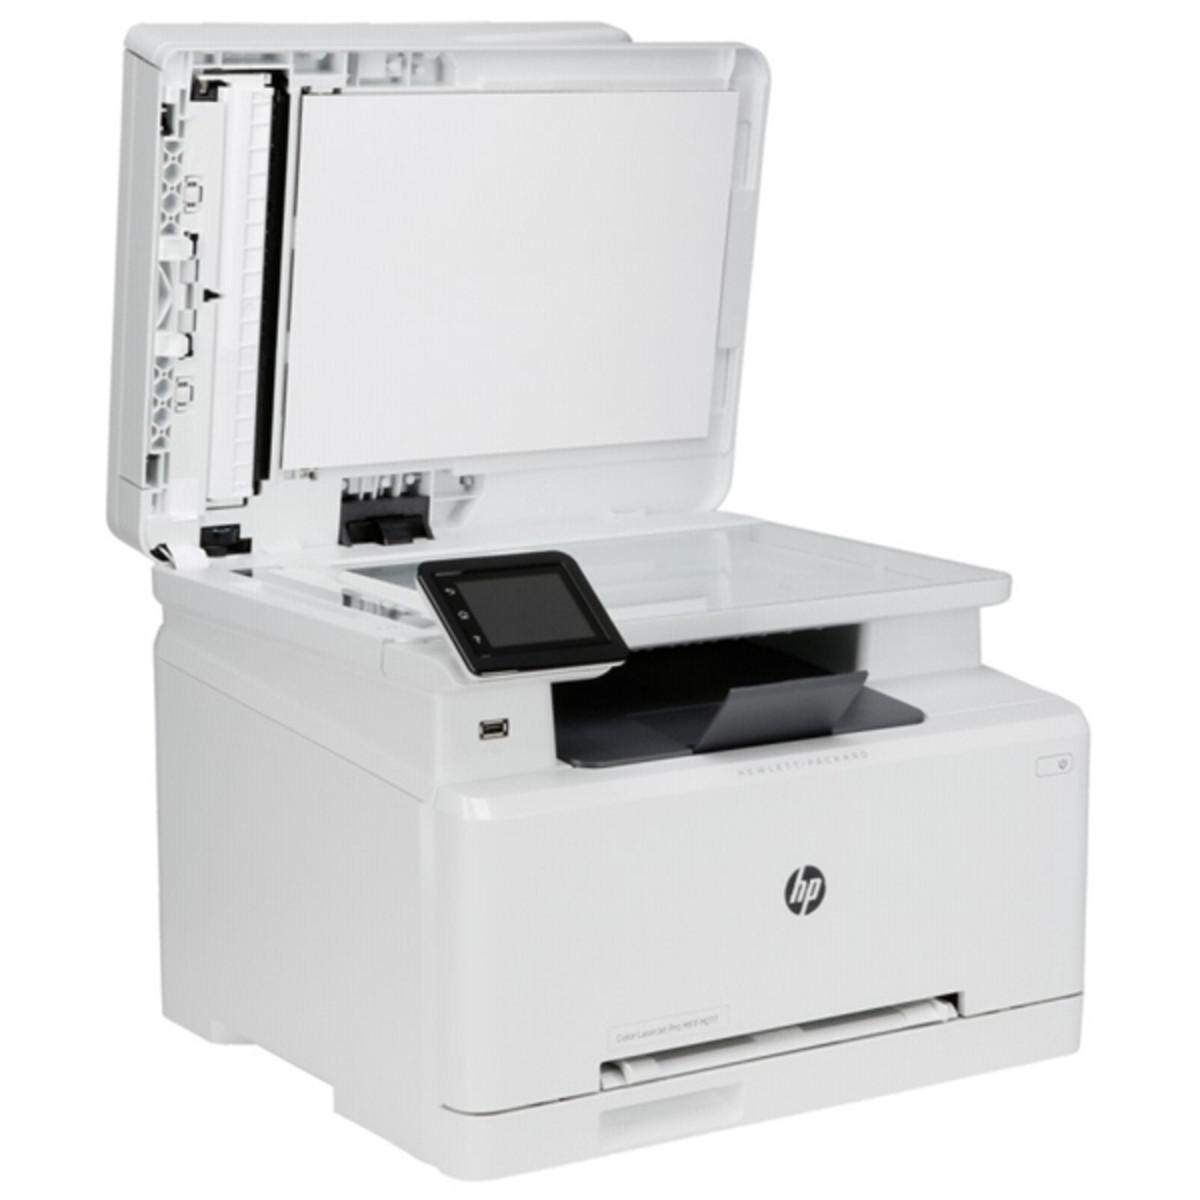 Hewlett Packard M277DW Laser Printer